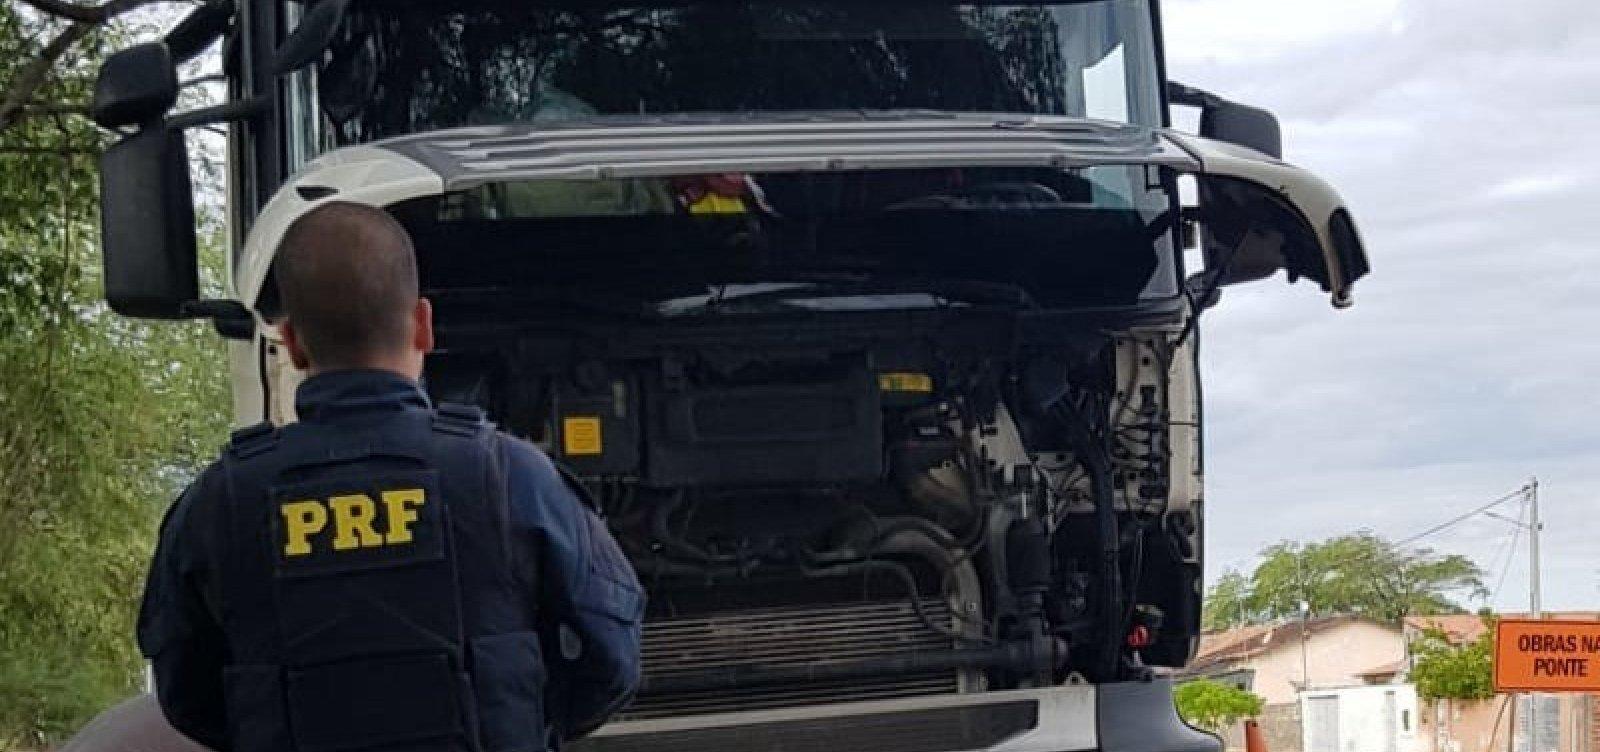 [Motorista é detido e caminhão furtado é recuperado pela PRF em Paulo Afonso]